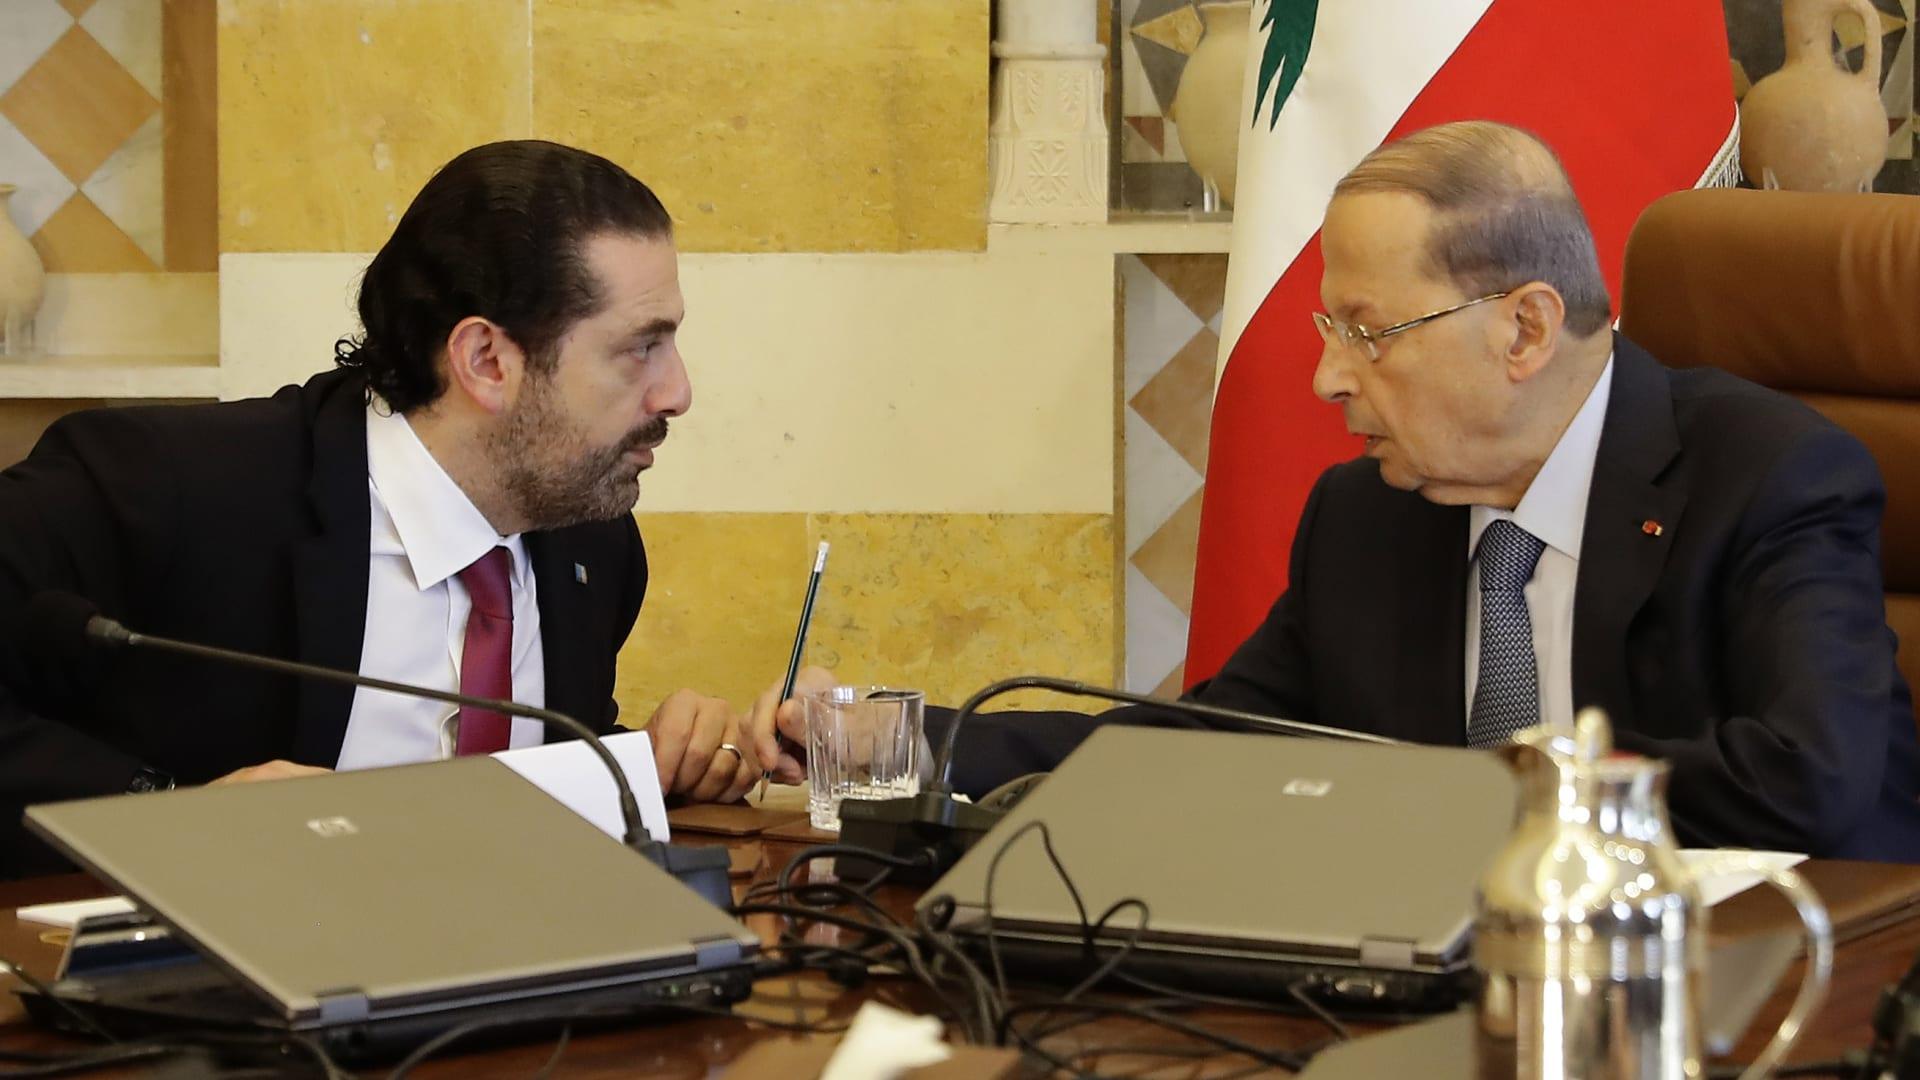 الحريري وعون في اجتماع سابق